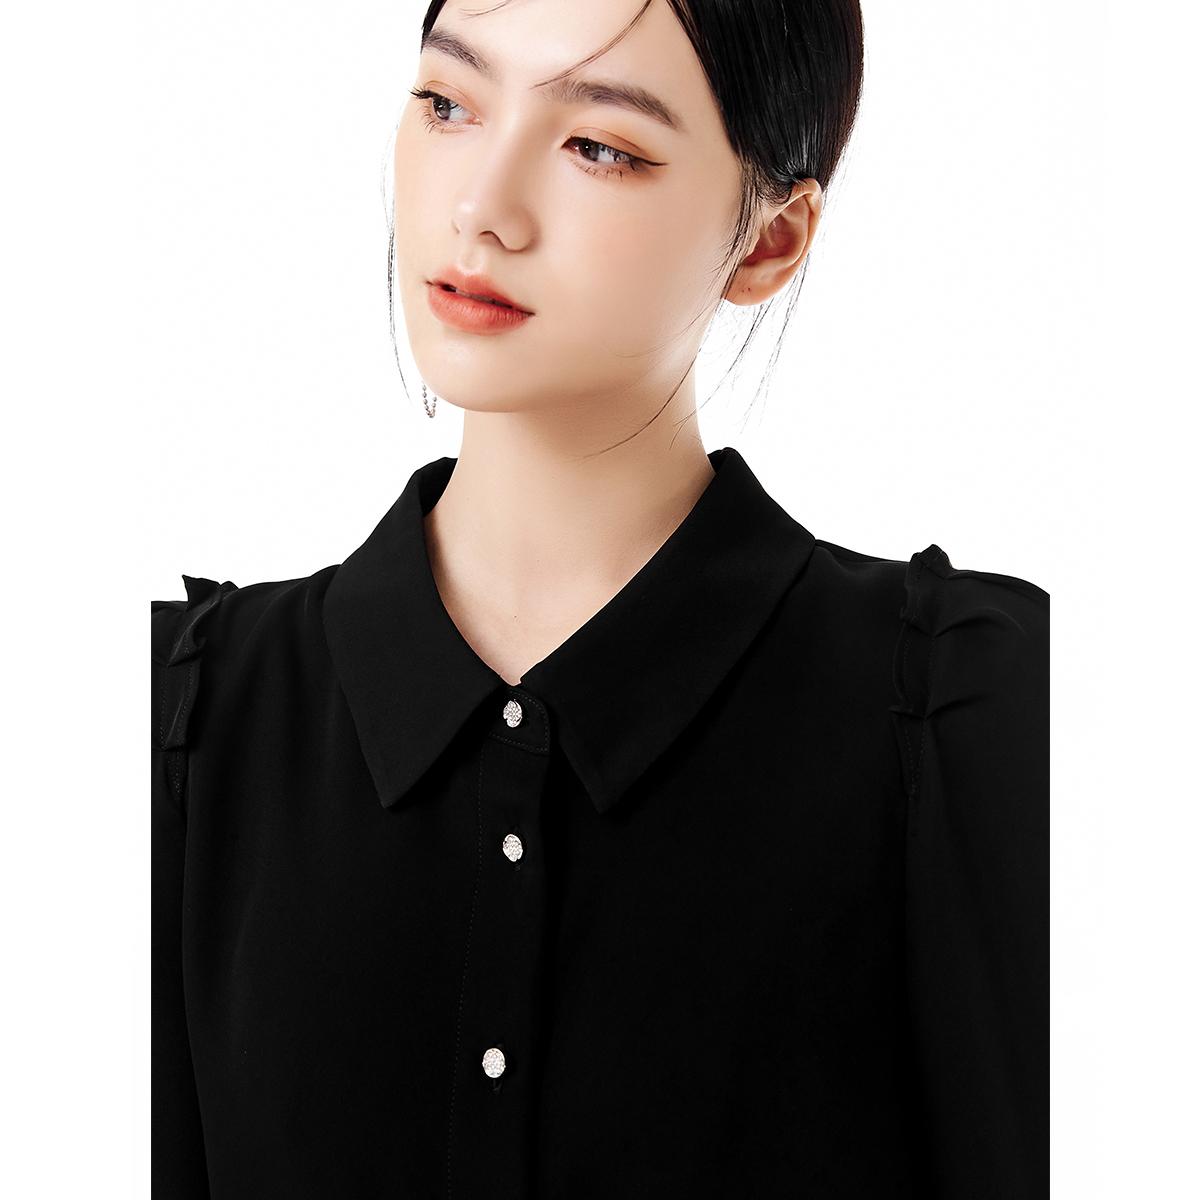 V213CSG102 花朵钻扣泡泡袖衬衫   压褶泡泡袖衬衫